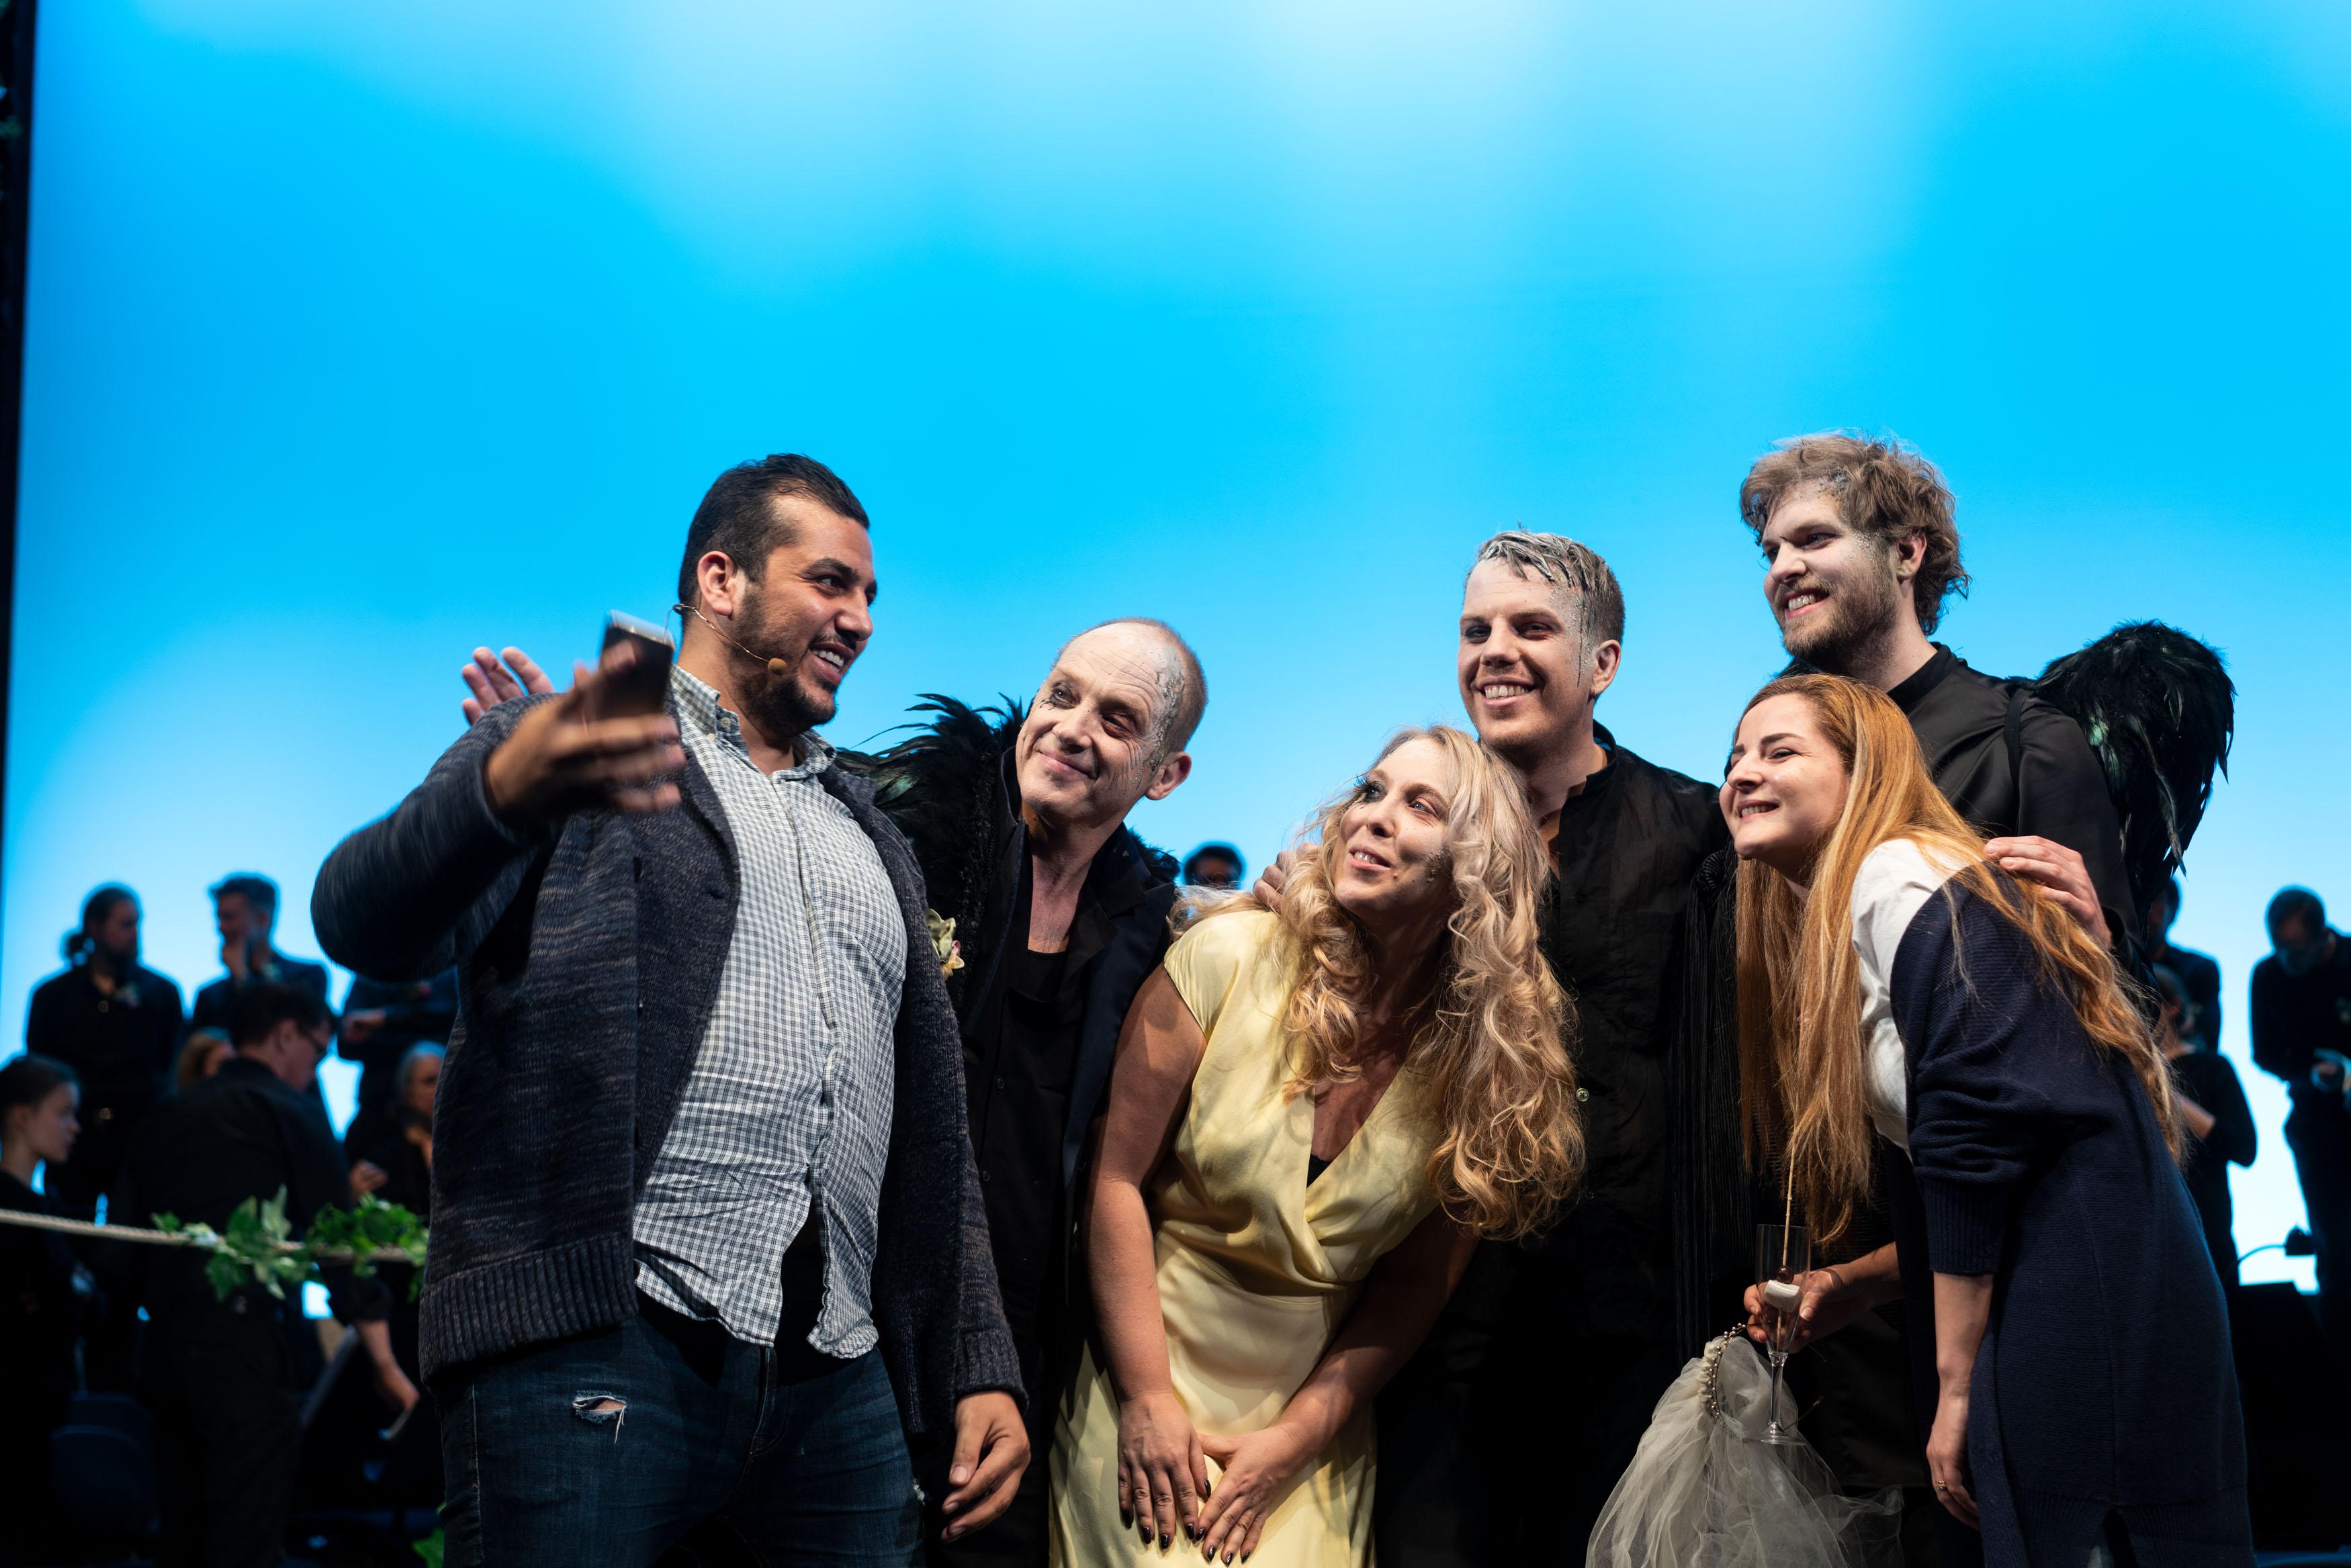 En man håller upp sin mobil för att ta en selfie tillsammans med några kostymklädda skådespelare.